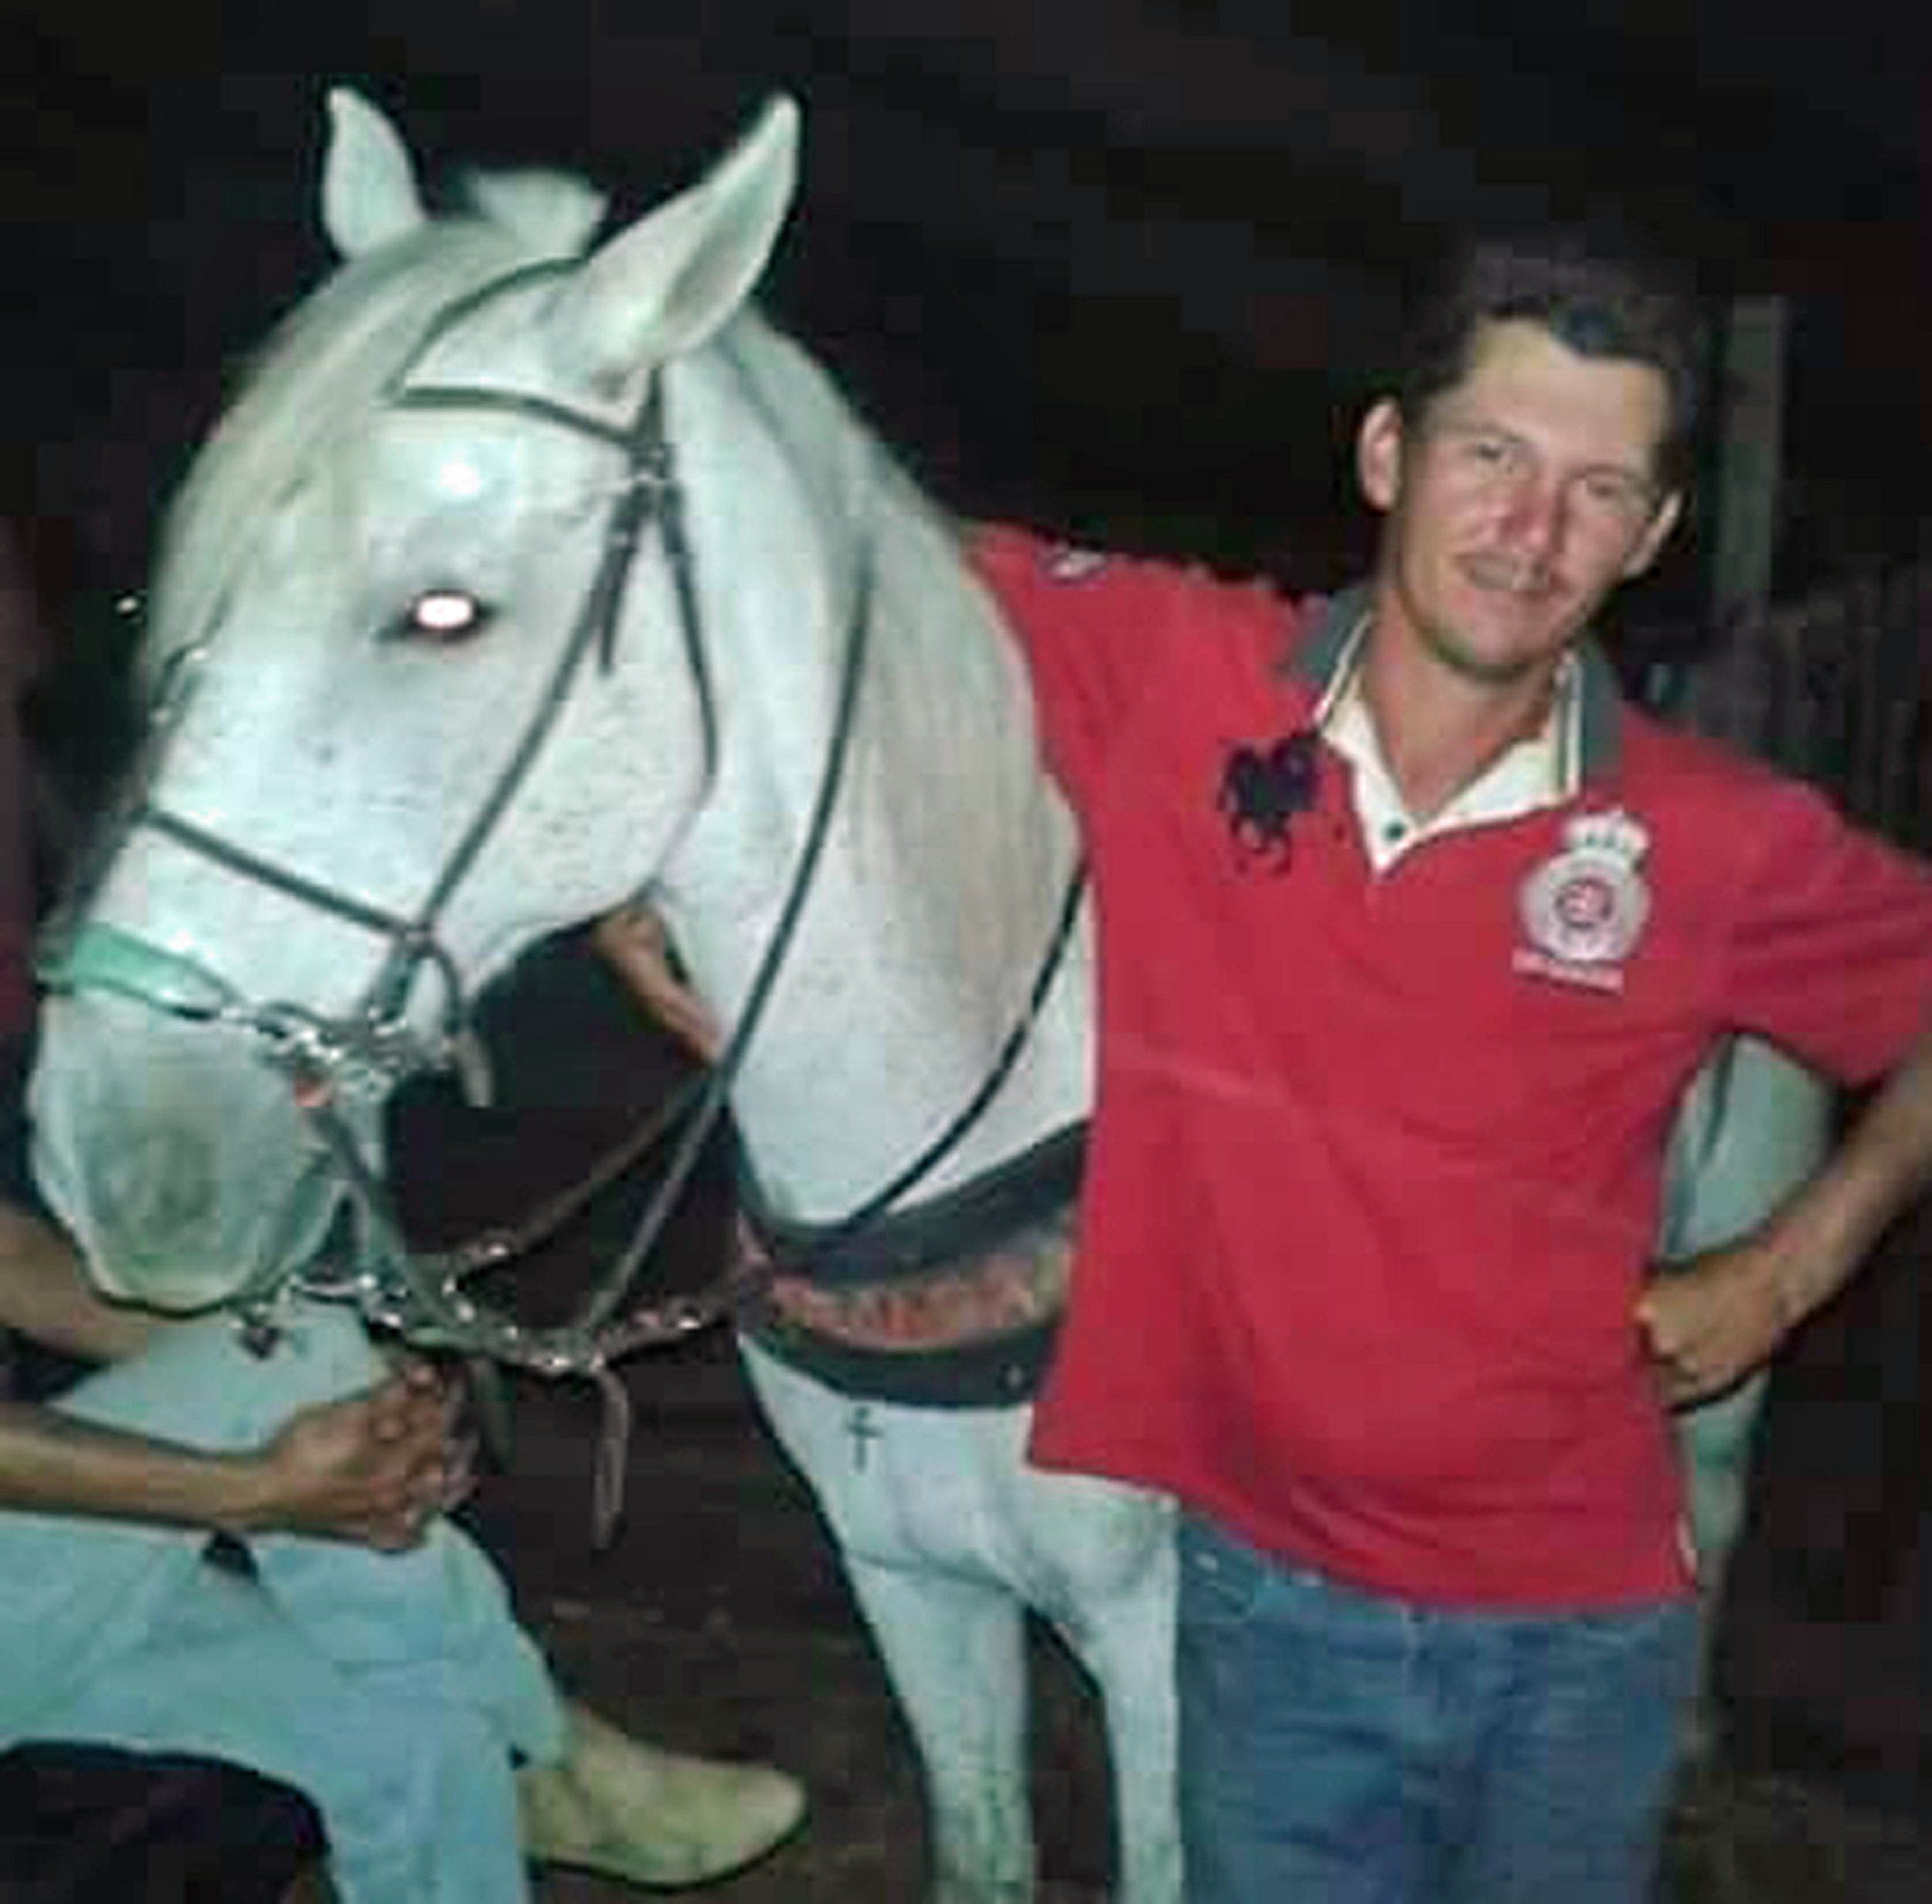 مؤثرة لحصان يبكي وفاة صاحبه 284d662a-bfd4-46bf-a108-c1d9bc0bb7bd.jpg